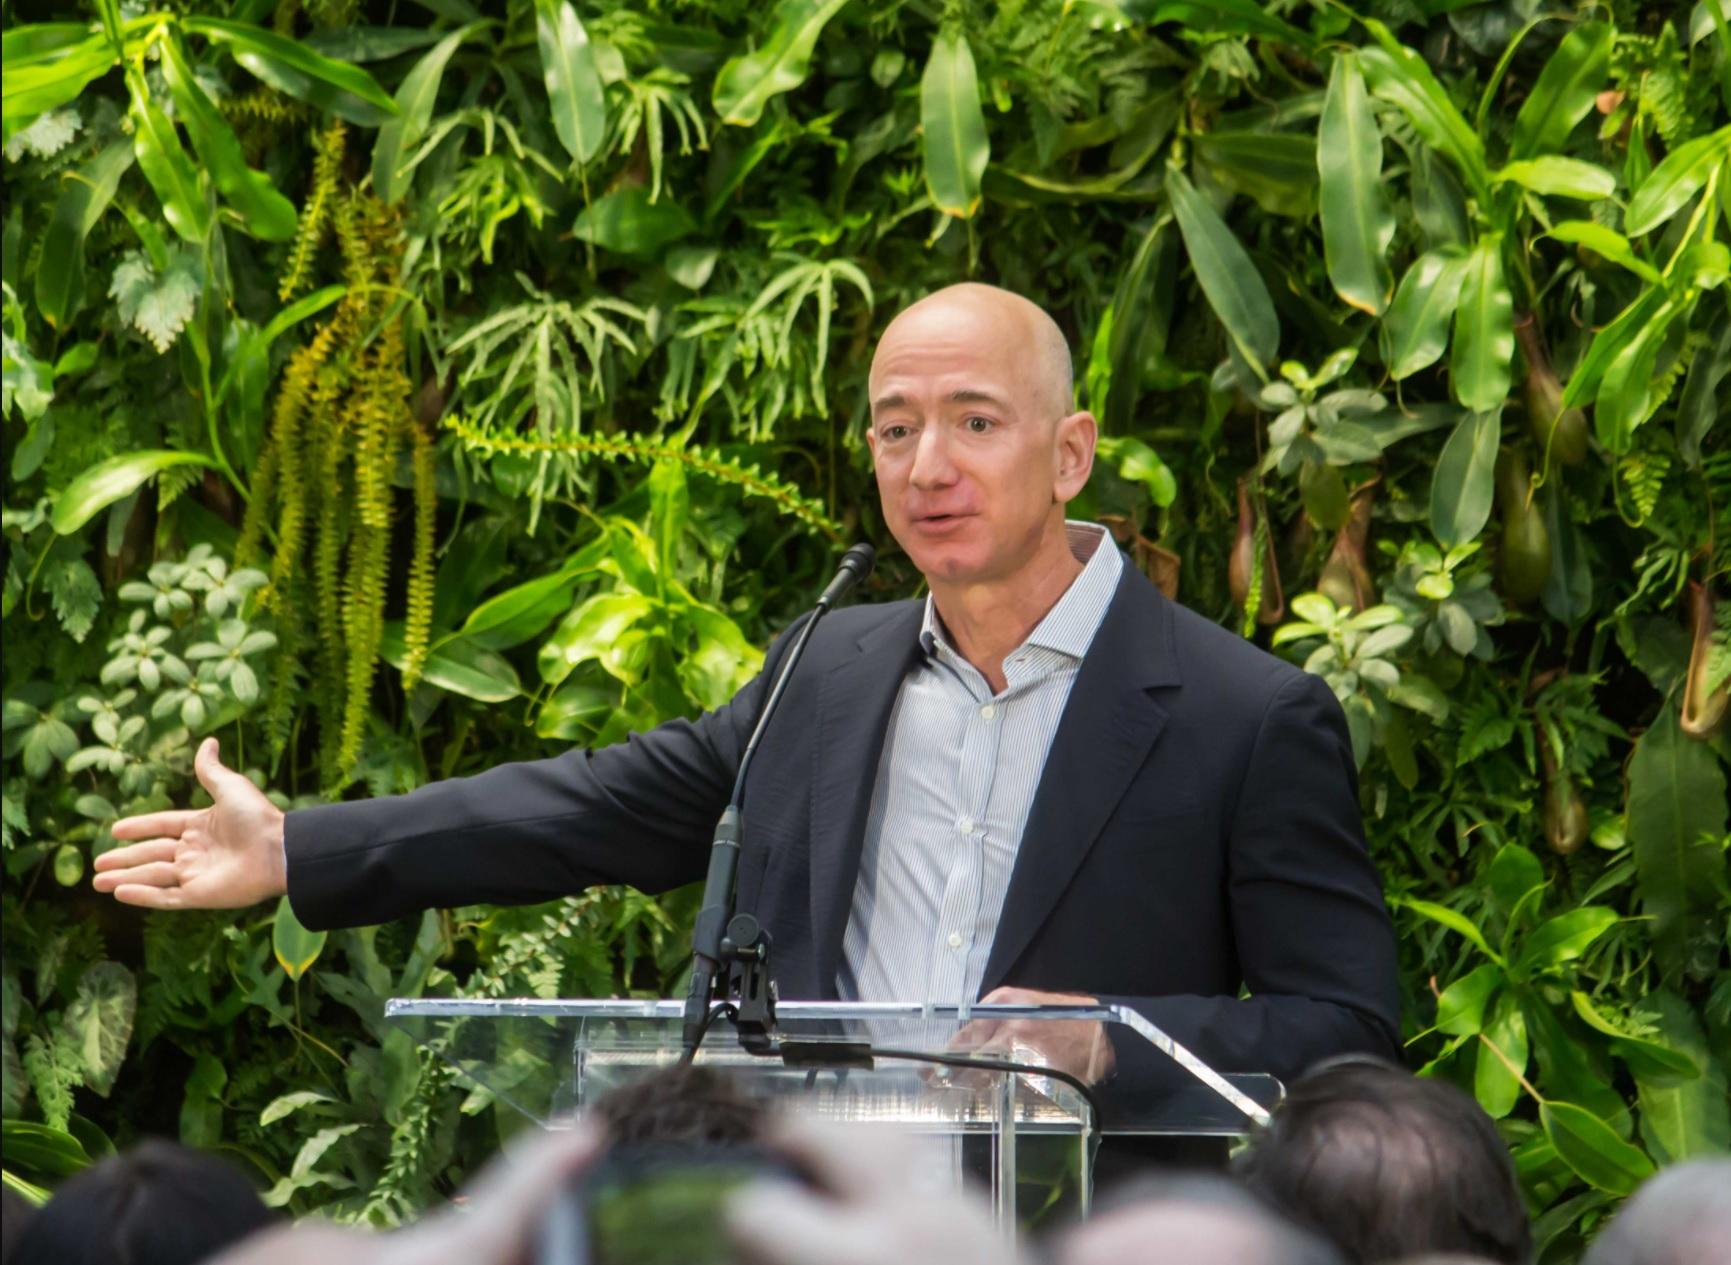 Jeff Bezos, fondateur d'Amazon, quitte son poste de directeur général